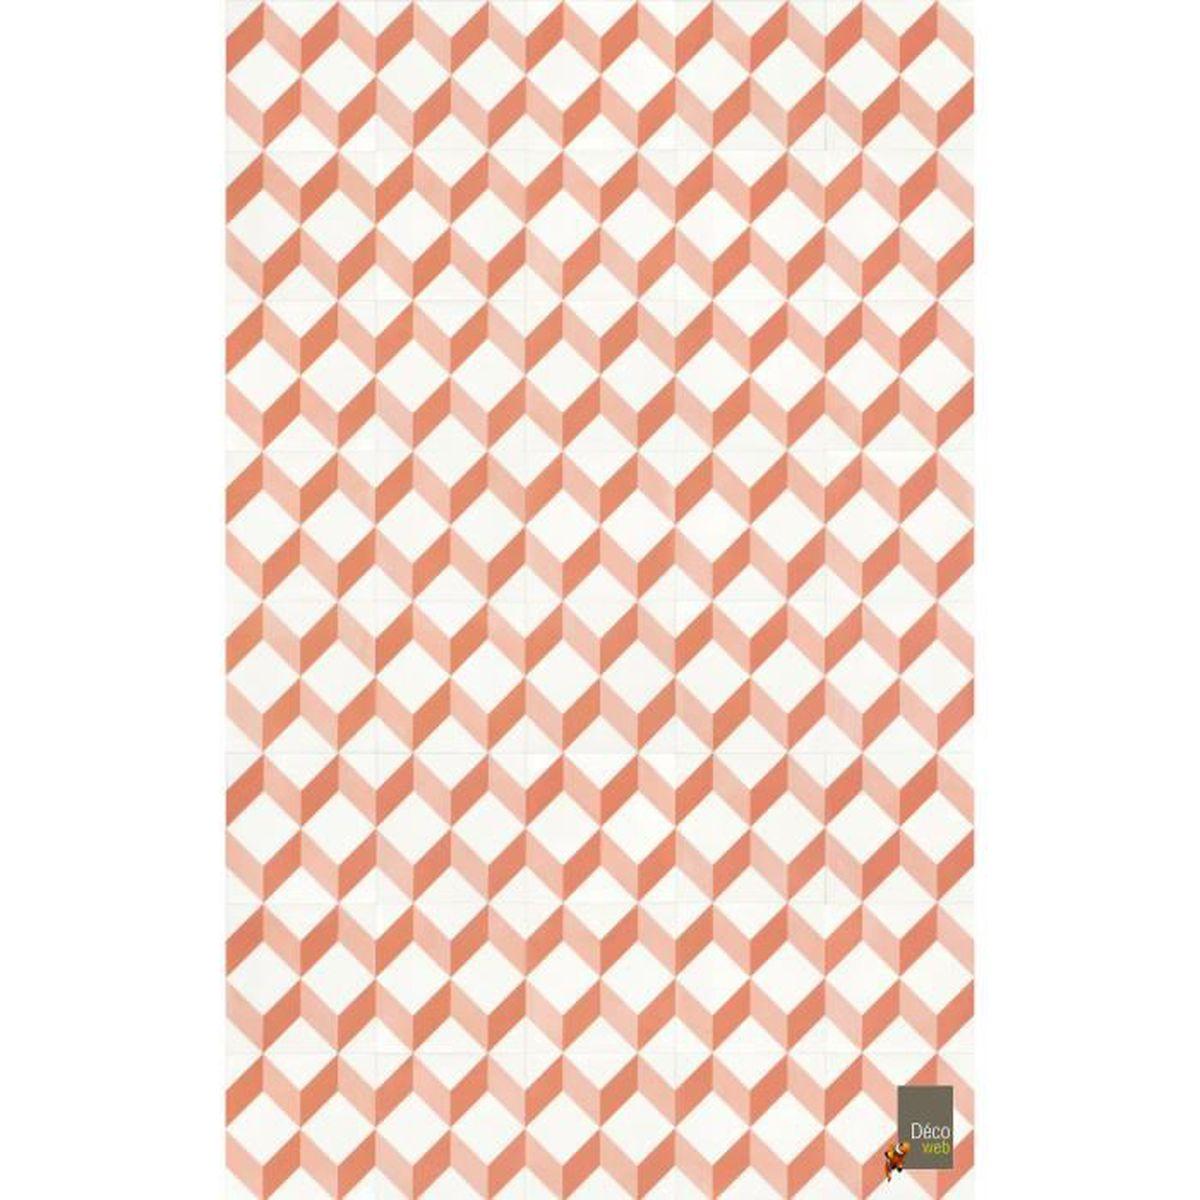 Tapis Effet Carreaux De Ciment tapis vinyle 100 x 160 cm - carreaux de ciment cube 3d rouge